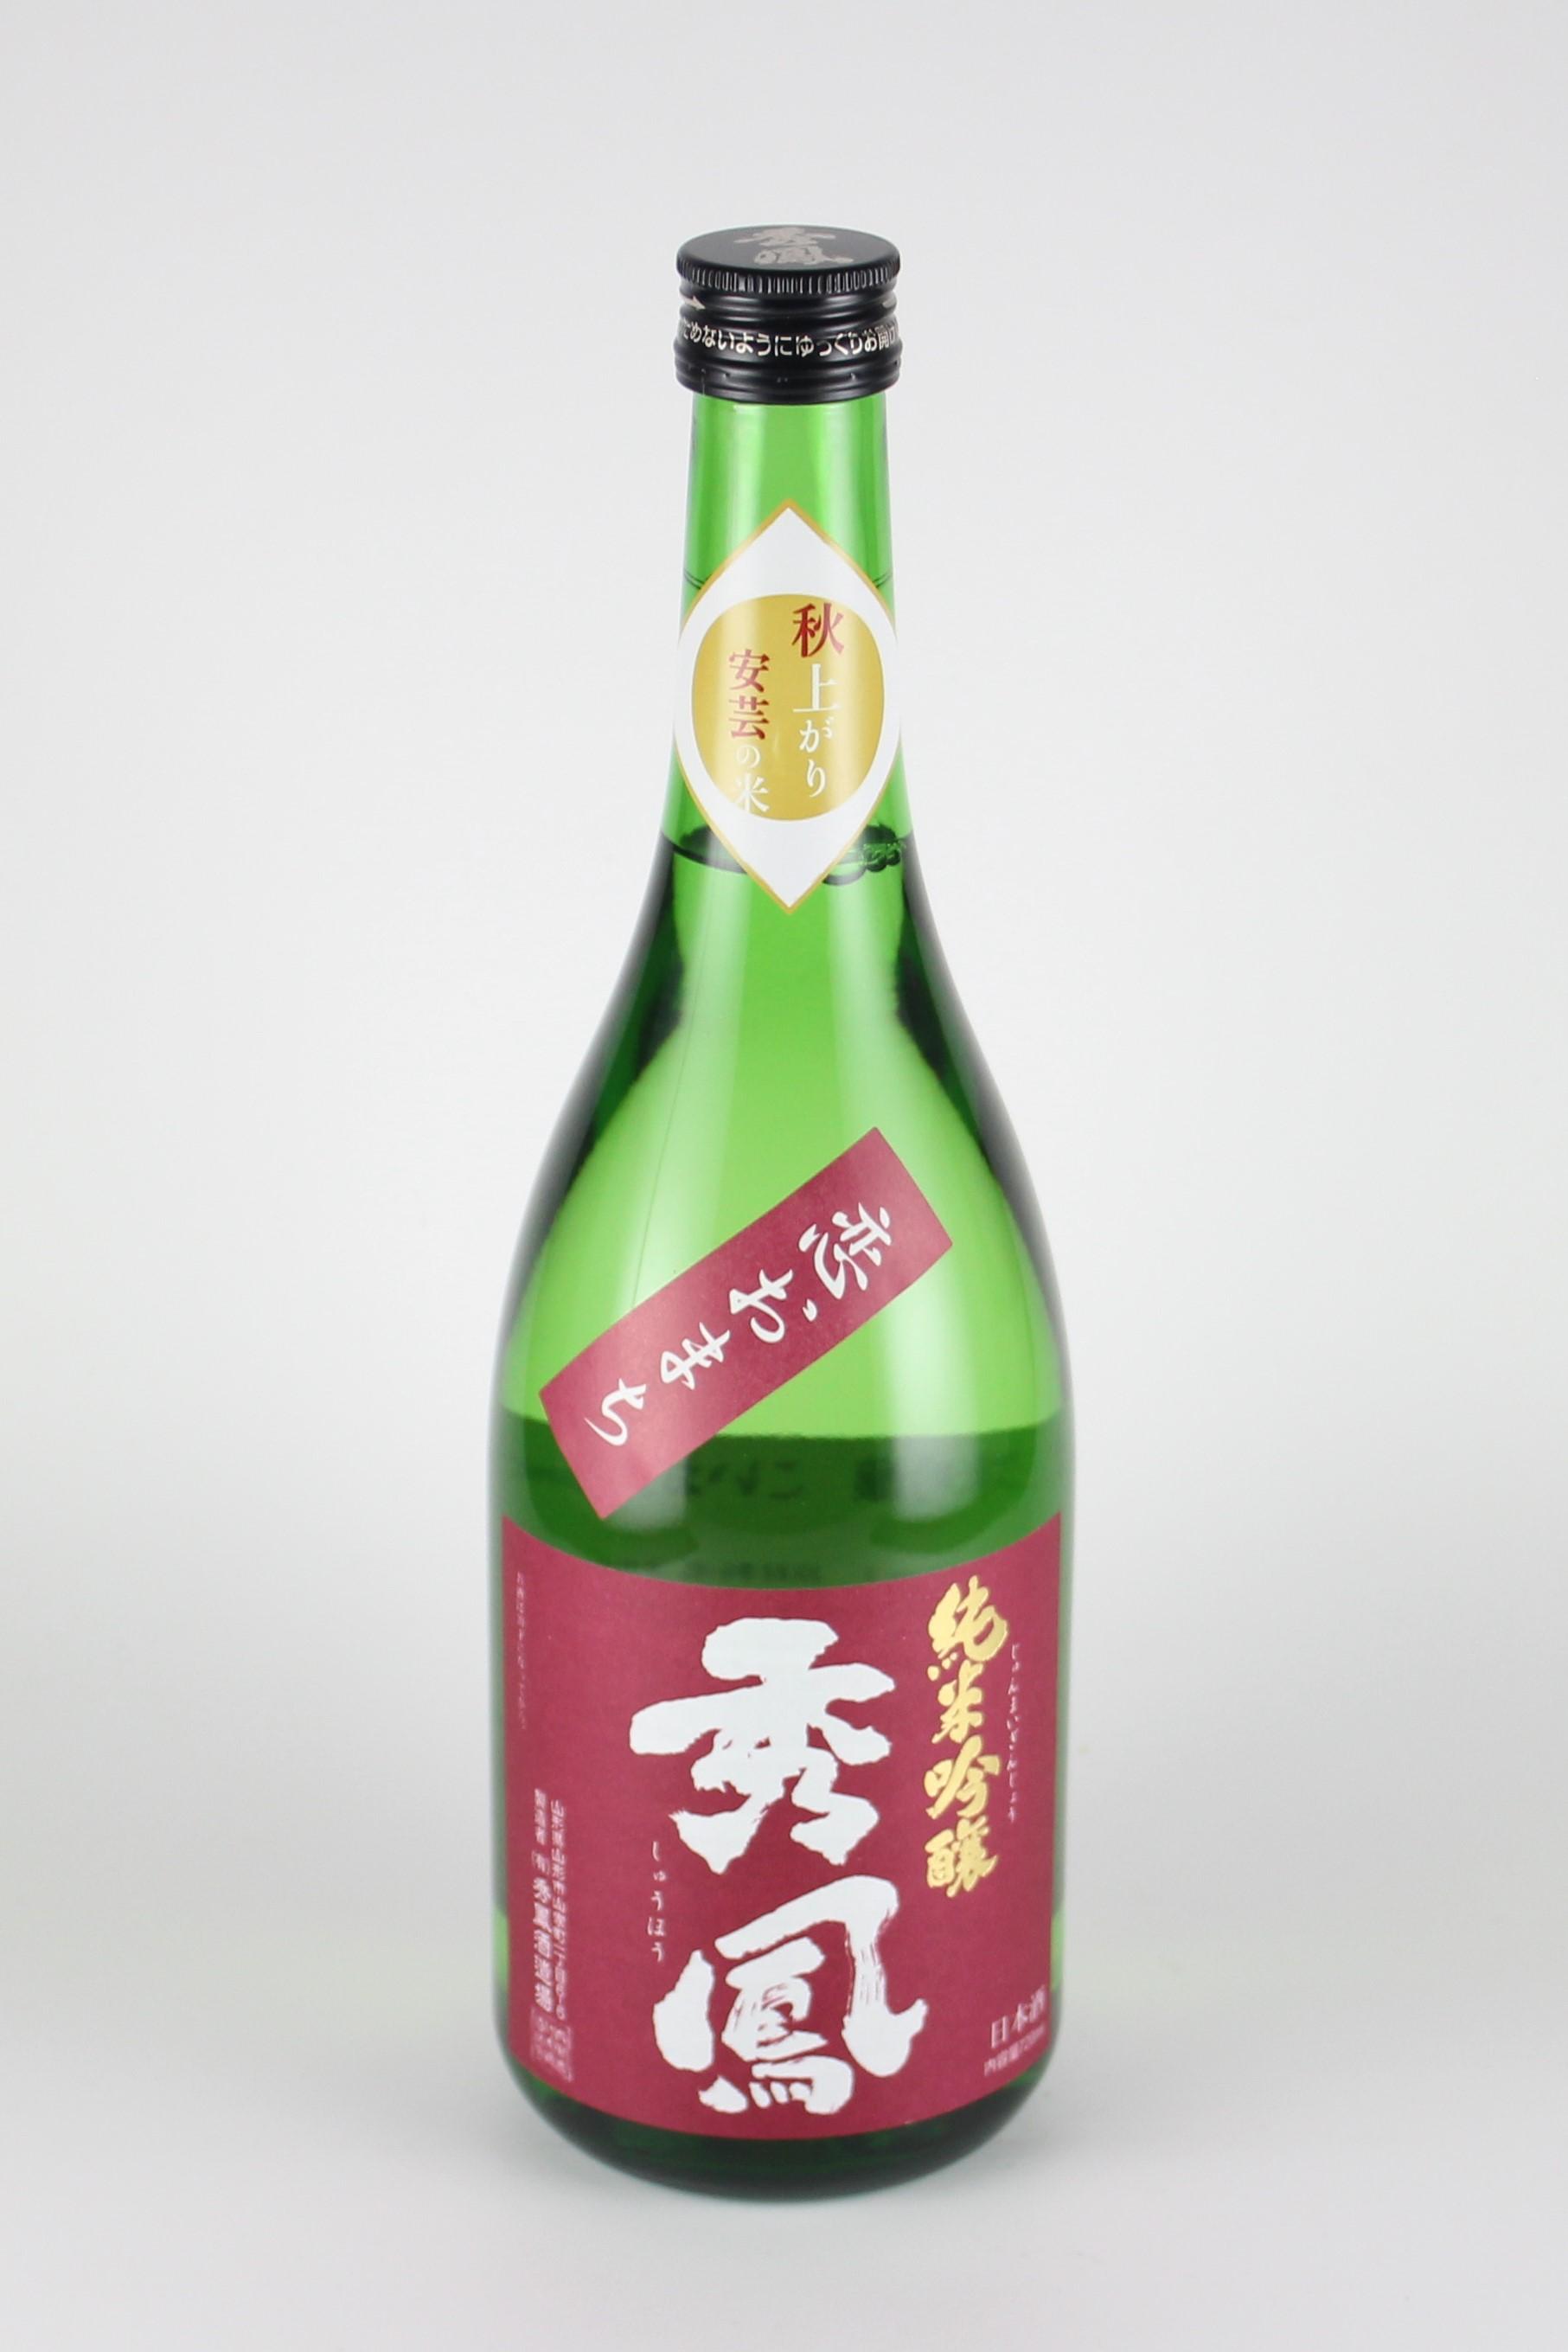 秀鳳 ひやおろし 純米吟醸 恋おまち 720ml 【山形/秀鳳酒造場】